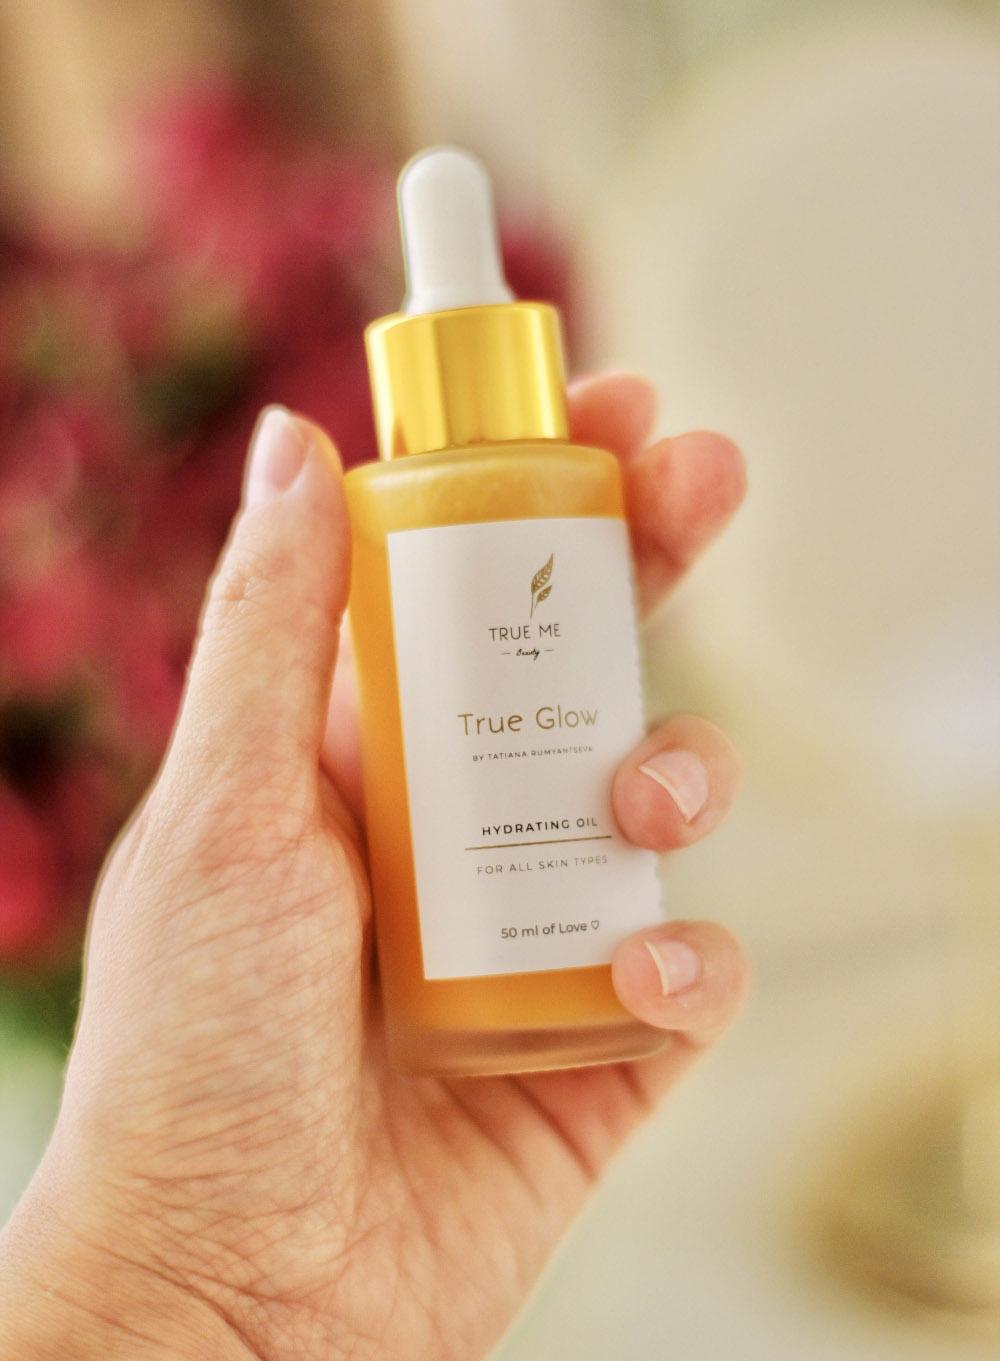 Увлажняющее масло для лица TRue Glow 50 ml